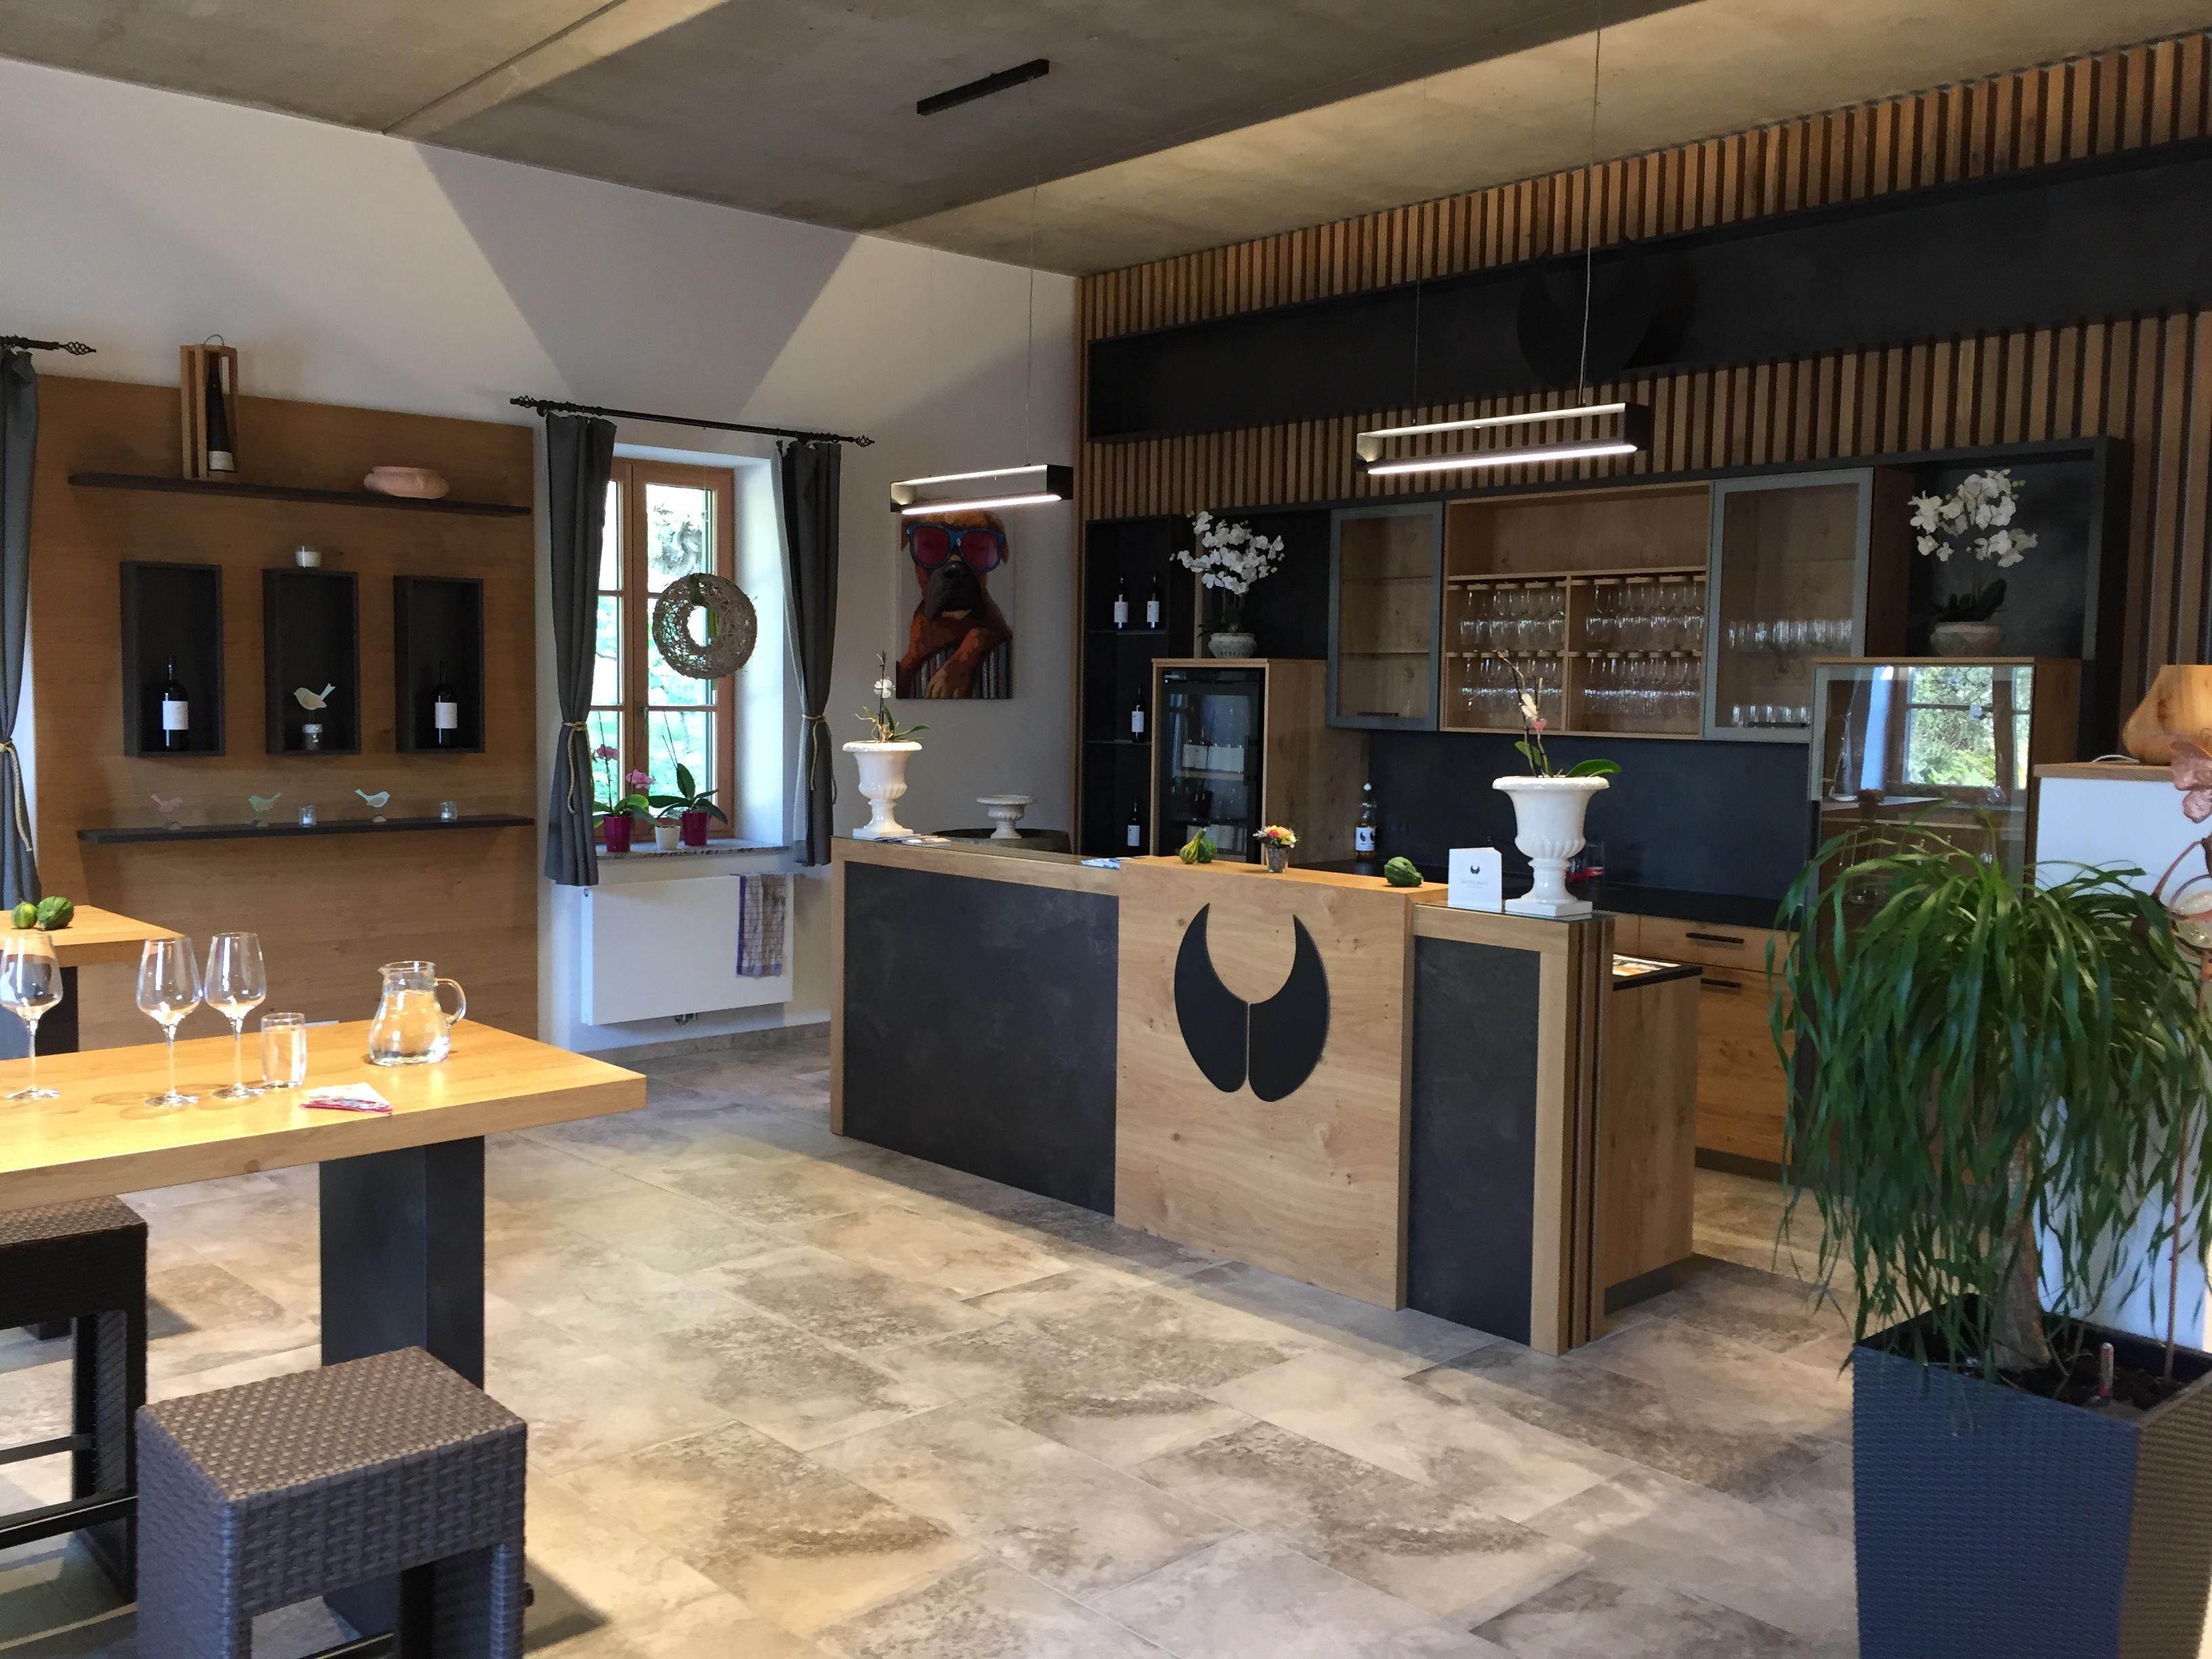 Weingut Mittelbach tasting room